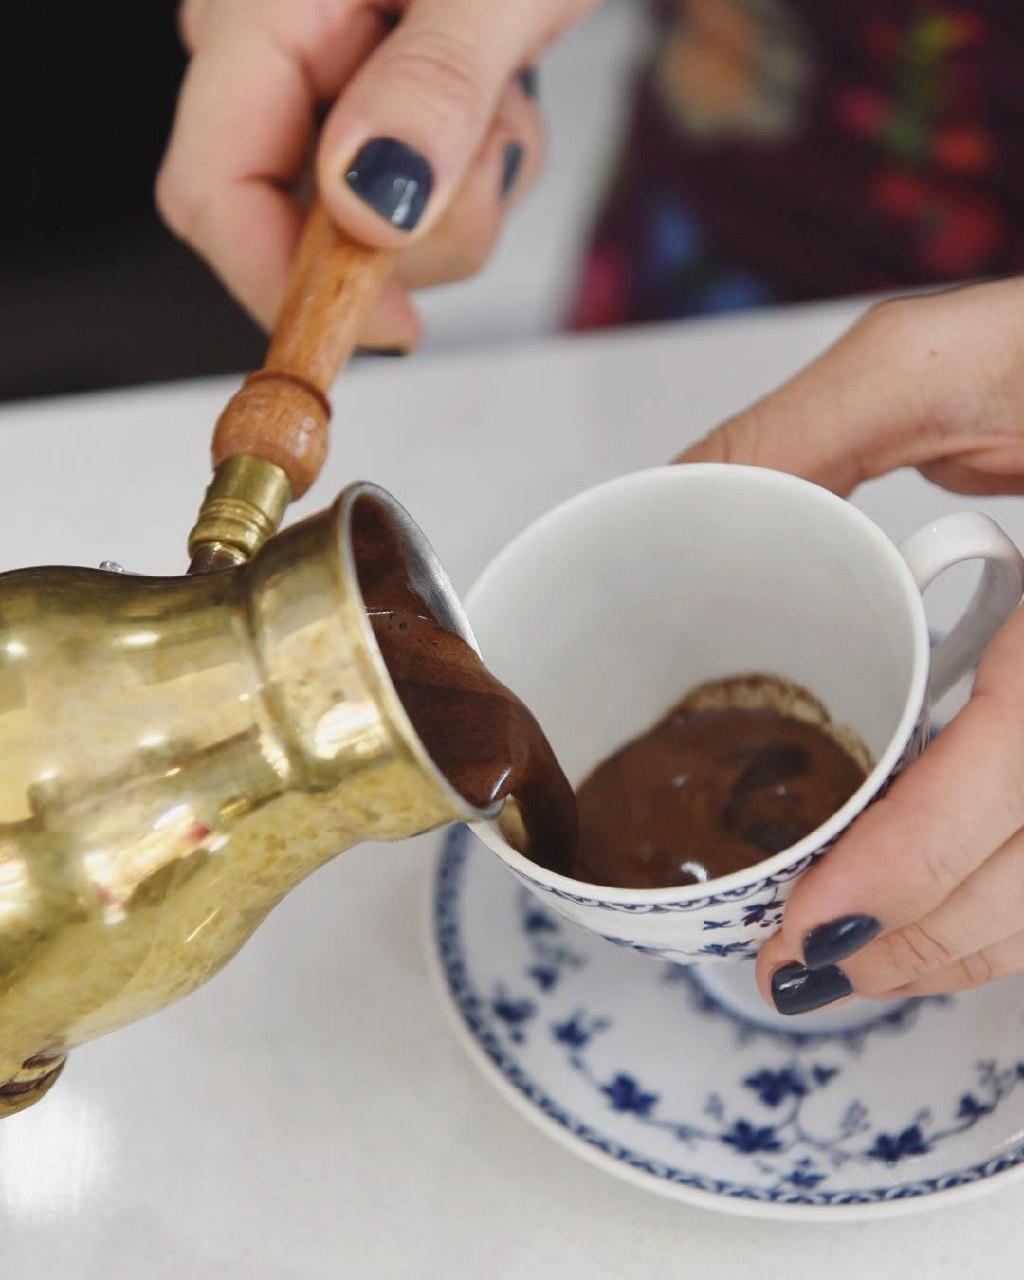 شاخ در فال قهوه شیطان در فال قهوه شاخ شیطان در فال قهوه